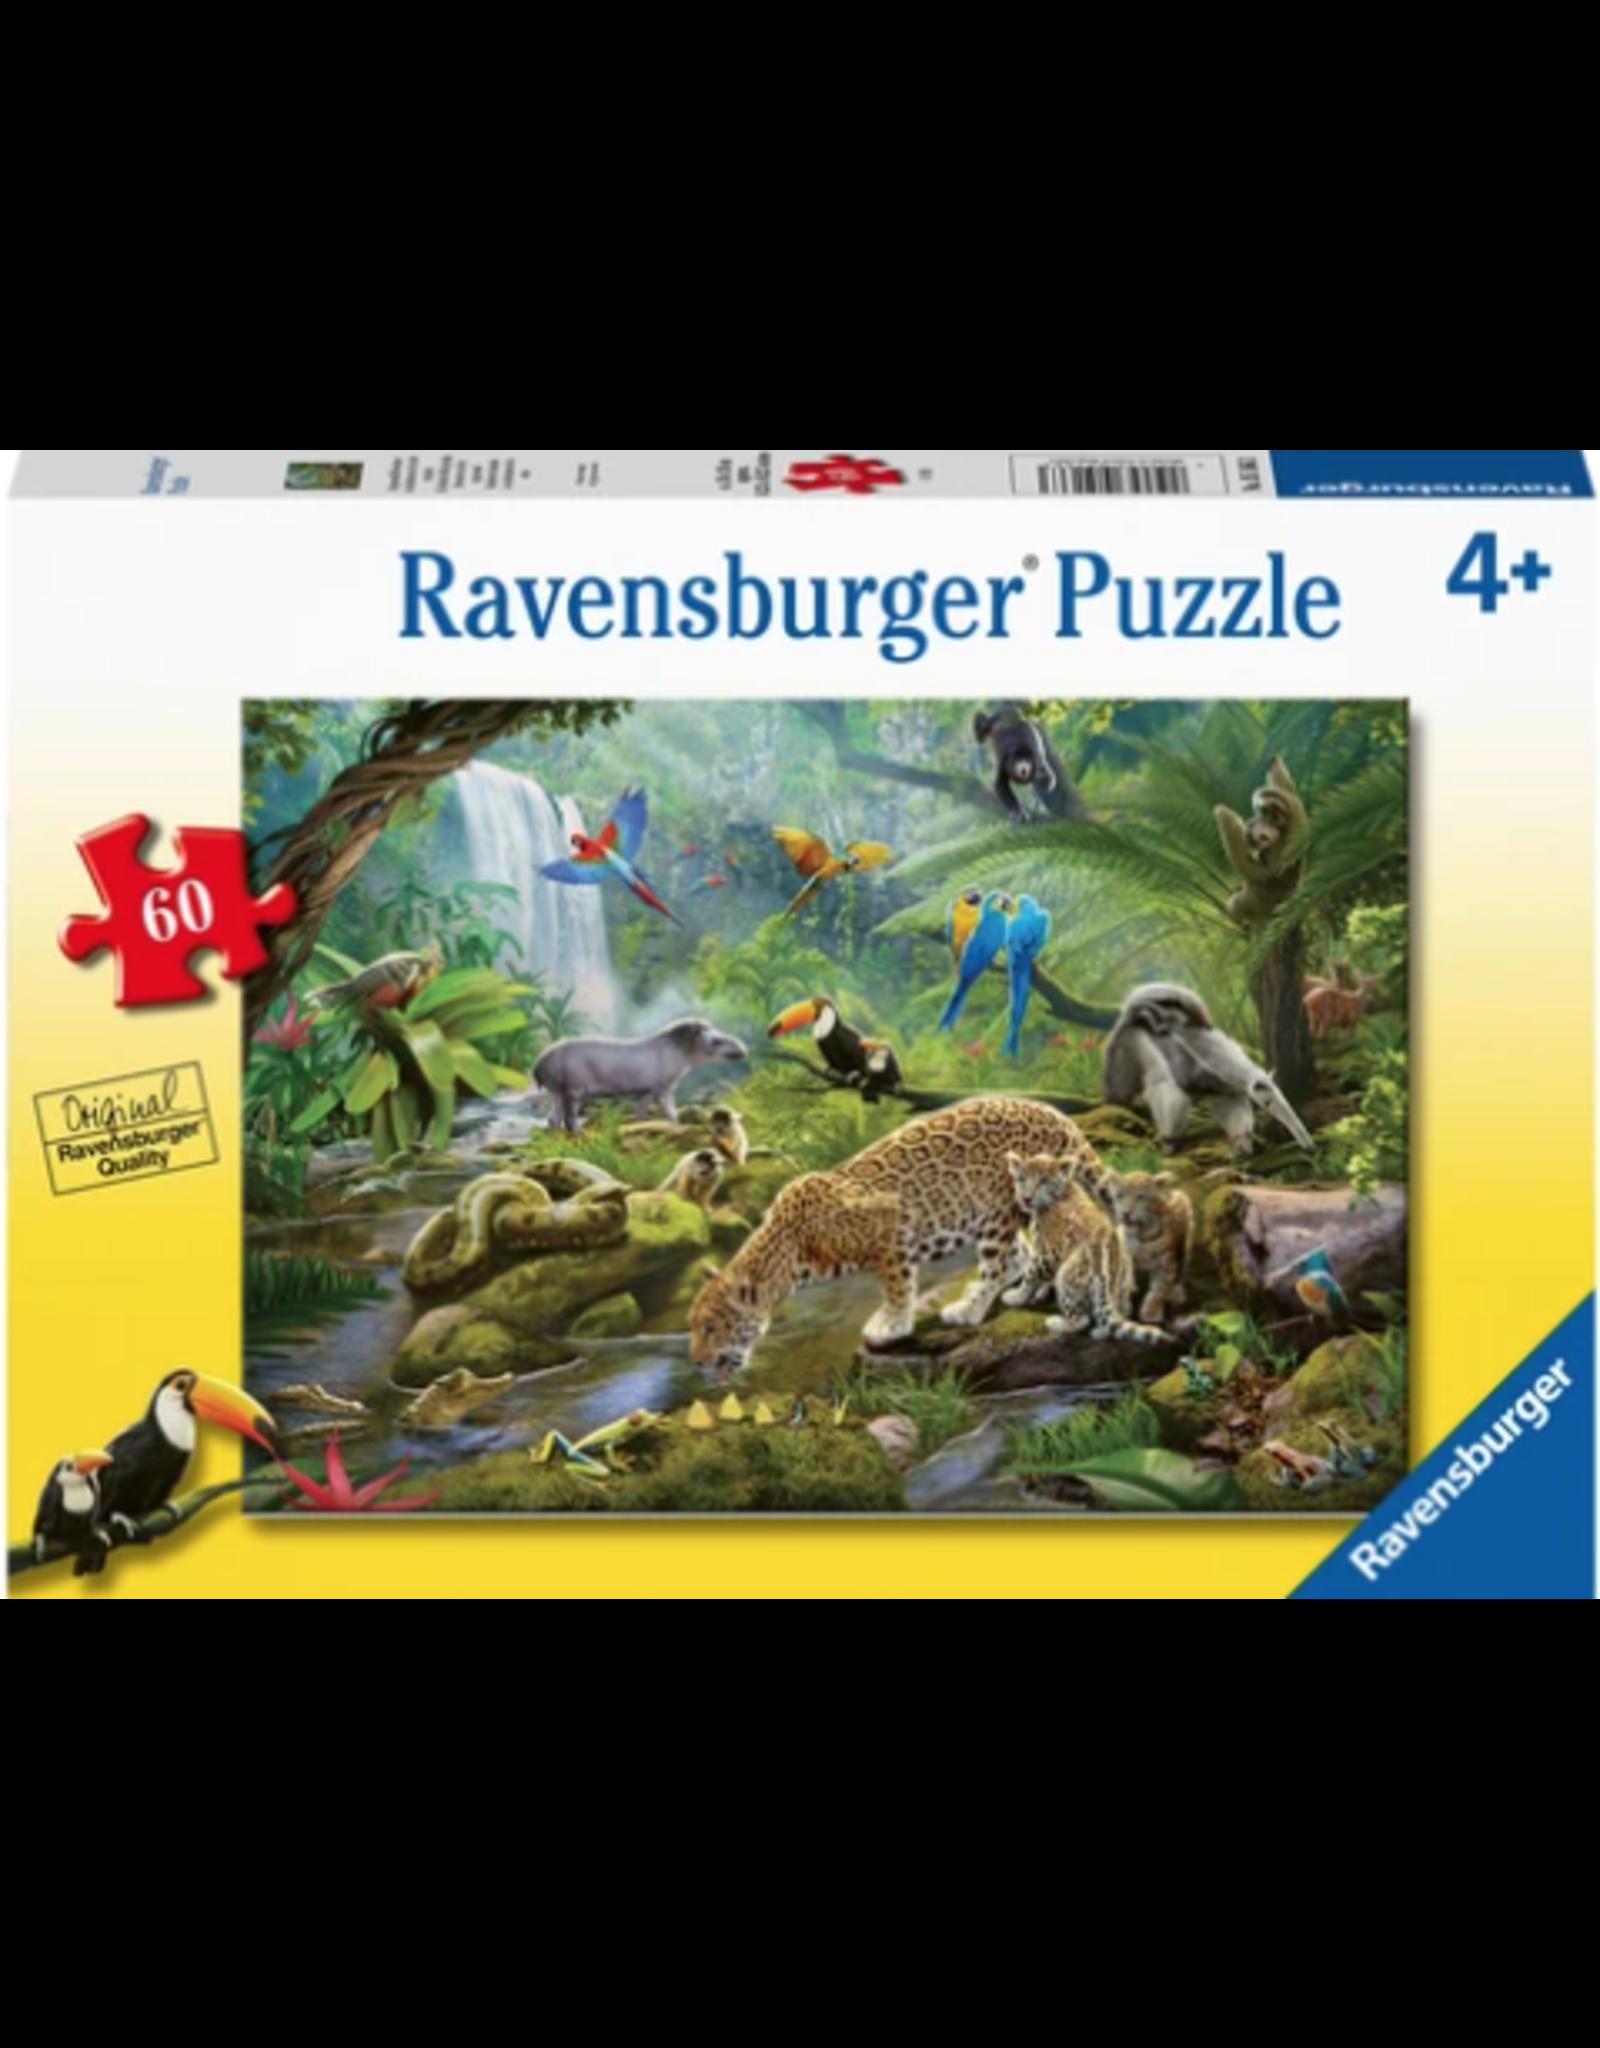 Ravensburger 60 pcs. Rainforest Animals Puzzle